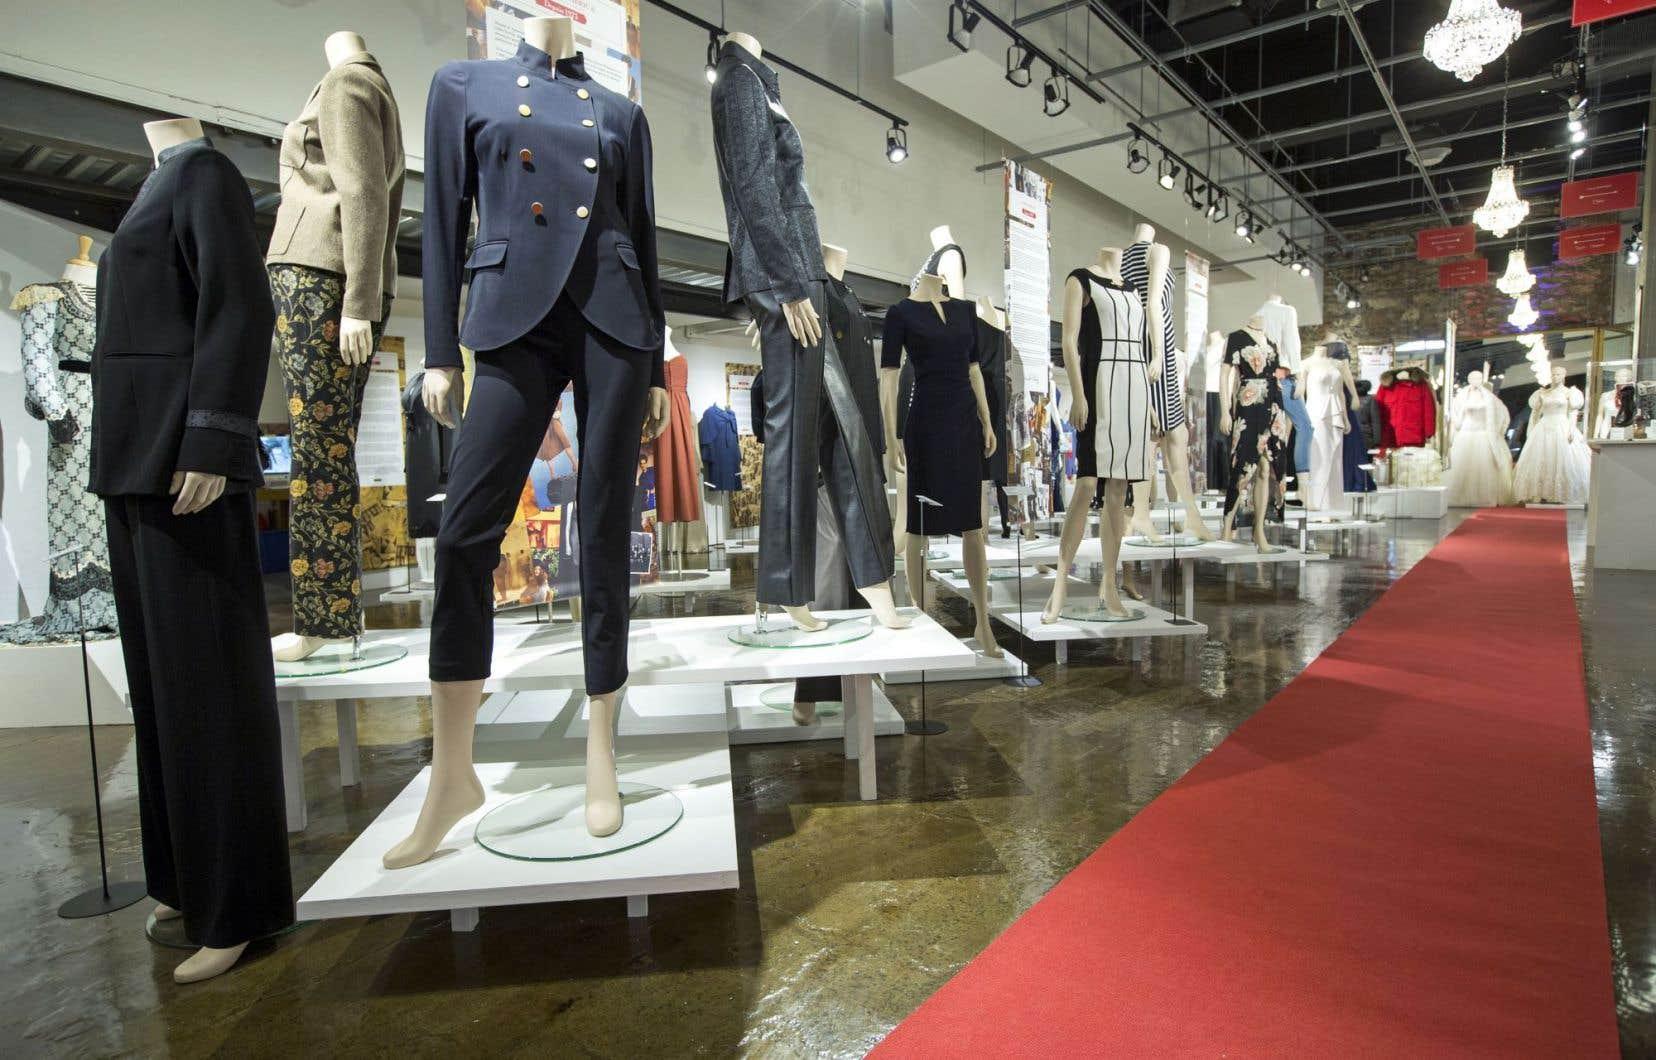 À l'occasion du 375e anniversaire de Montréal, le Musée de la mode présente un panorama de la mode à travers 33 compagnies de détaillants, fabricants, grossistes et distributeurs qui ont habillé Montréal depuis près de deux siècles.